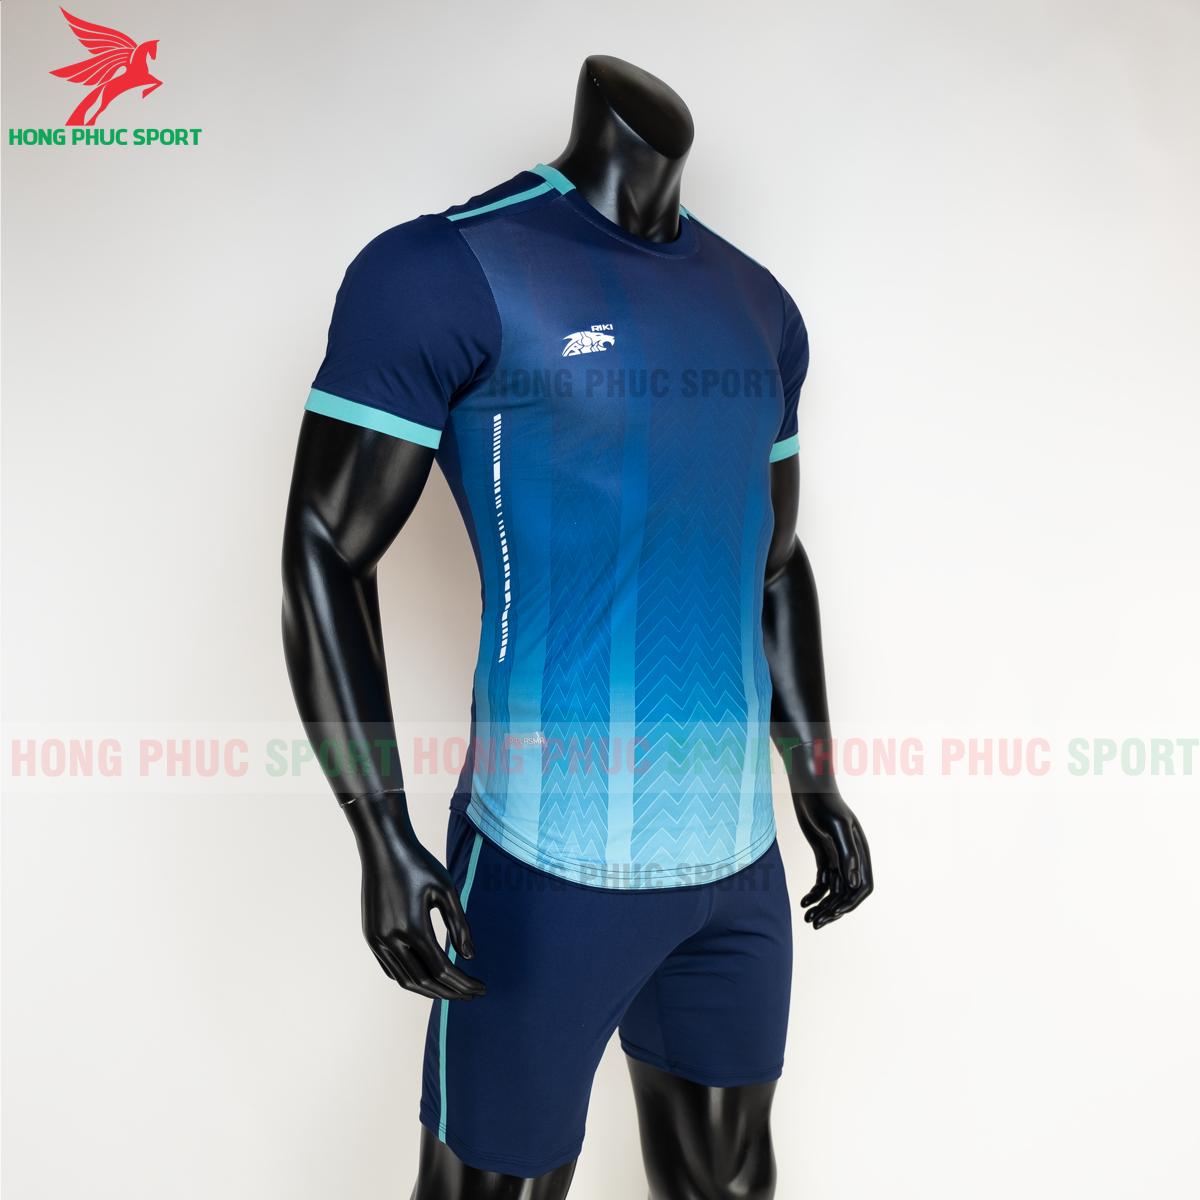 Áo đá banh không logo RIKI FURIOR 2021 màu Xanh dương(phải)